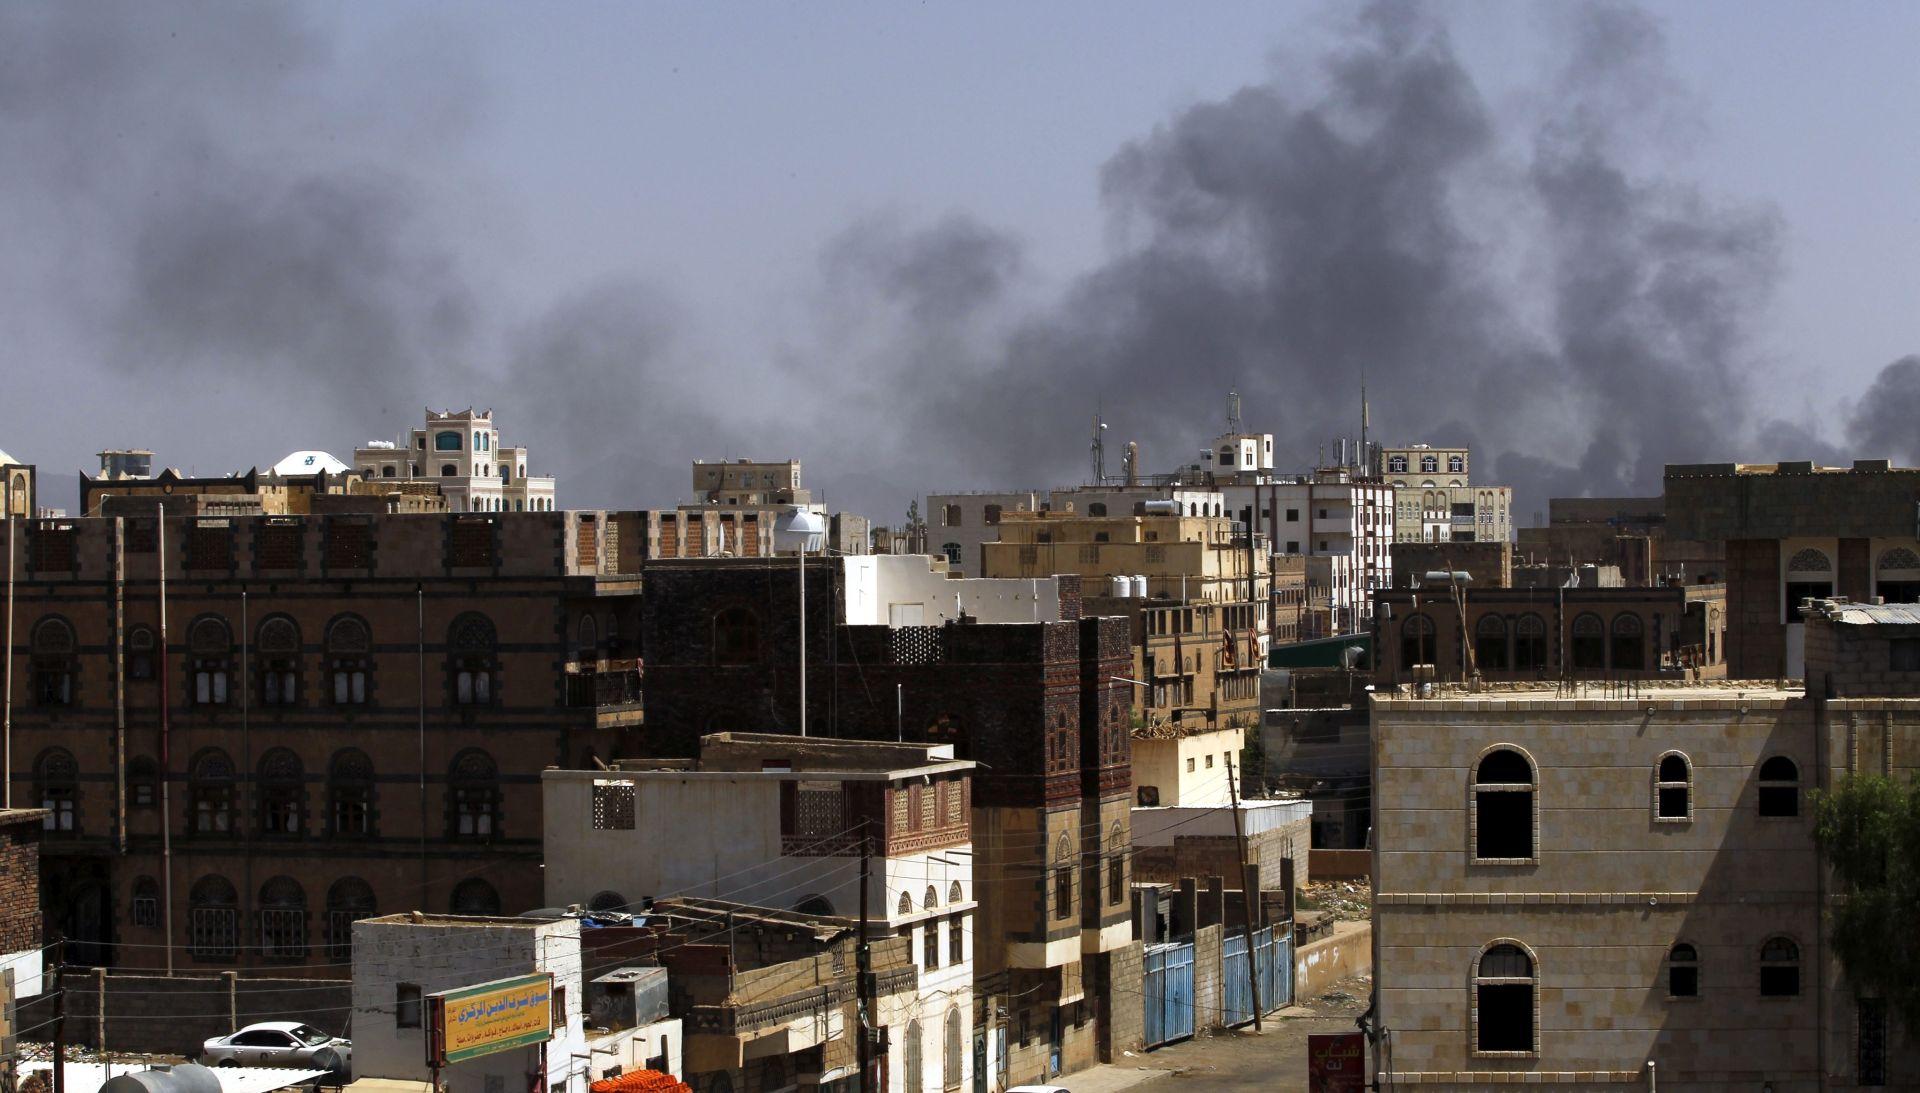 AKCIJA UJEDINJENIH ARAPSKIH EMIRATA Oslobođen britanski zarobljenik u Jemenu